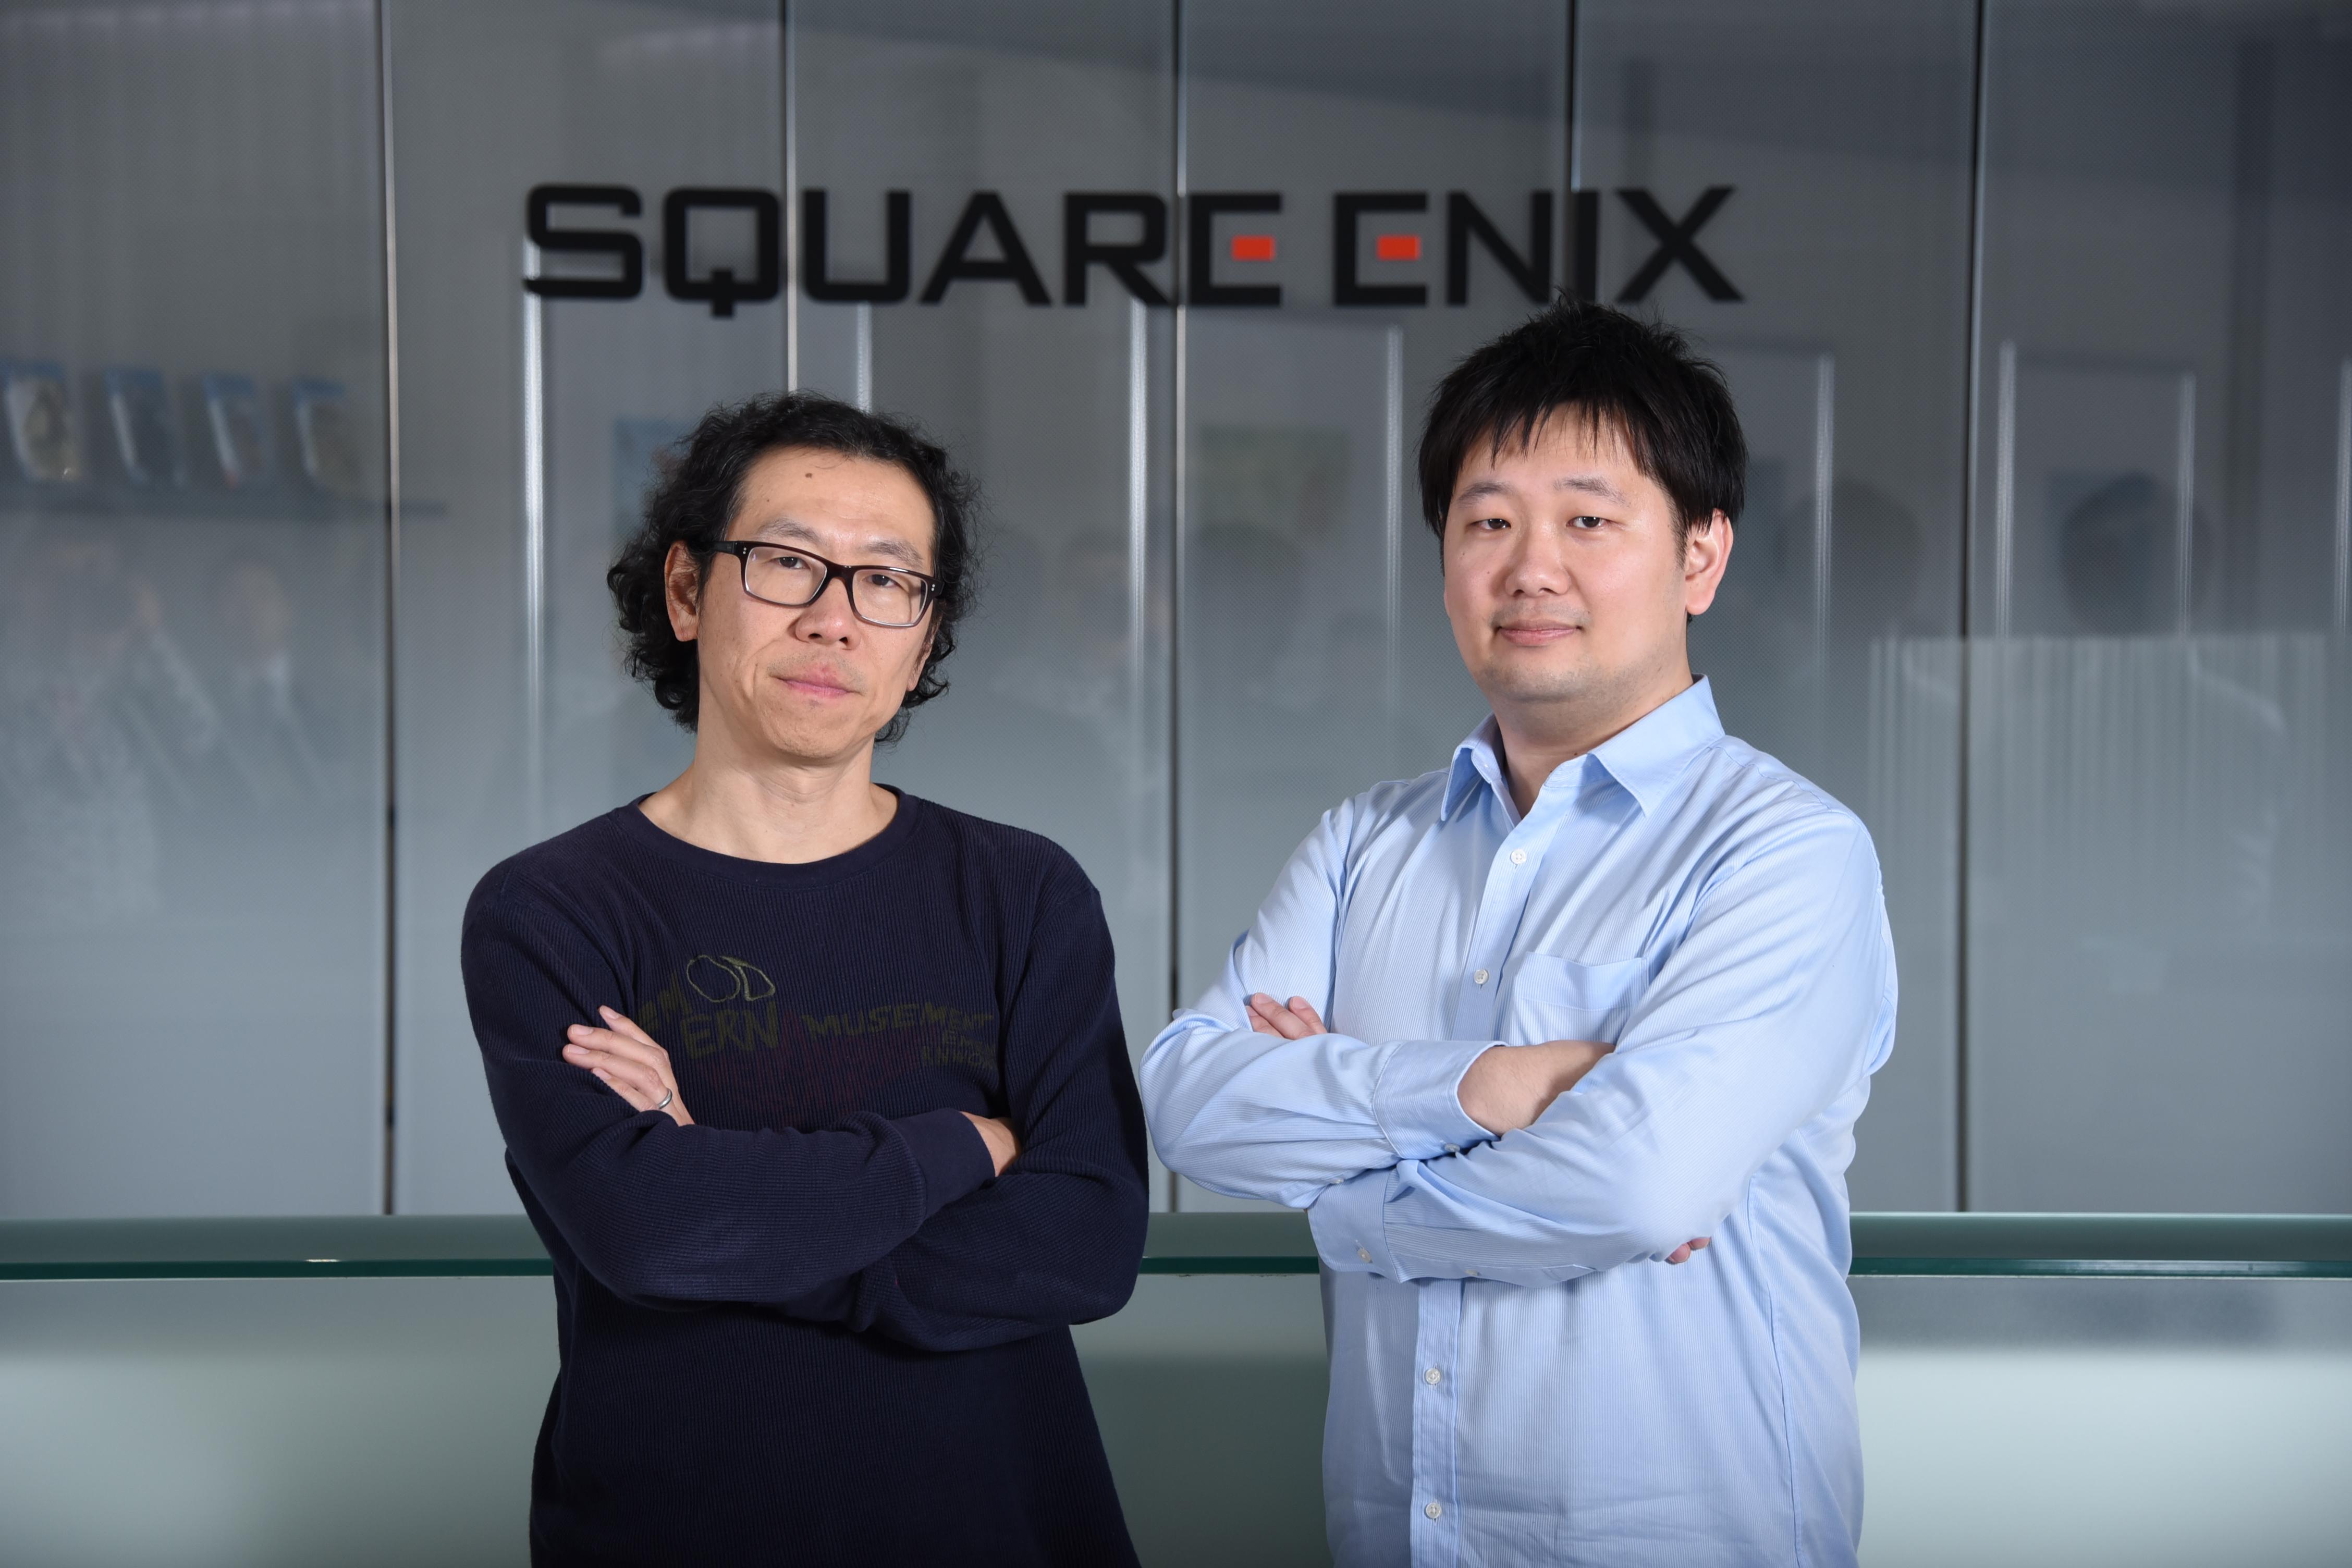 株式会社スクウェア・エニックスの時田貴司さんと卒業生の髙林亮さんのインタビュー